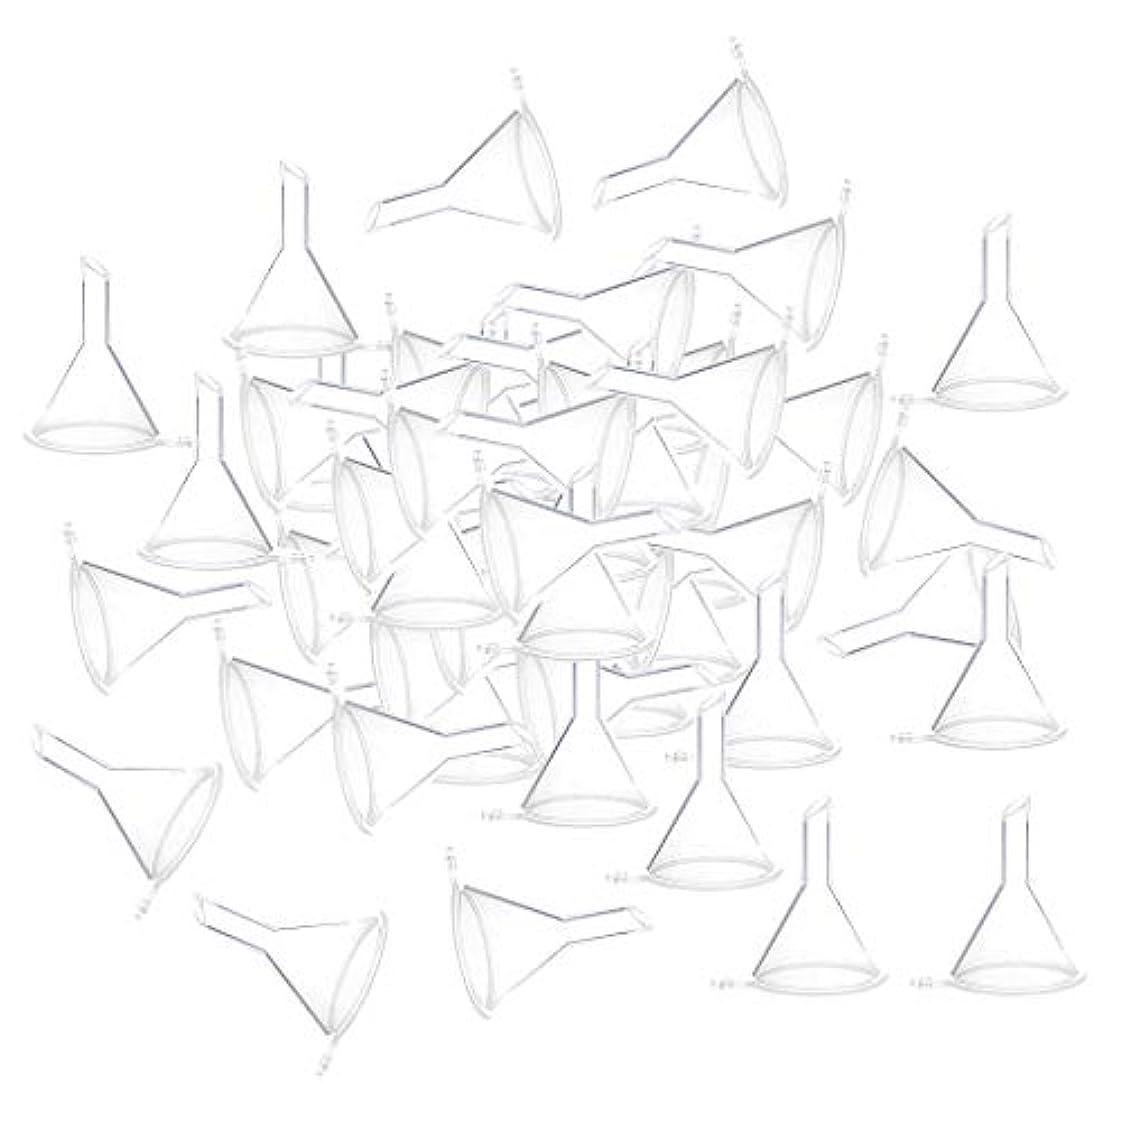 フォルダ恥ずかしさ振り向くCUTICATE 全3色 100個 小瓶 香水瓶 バイアルのため ファンネル 漏斗 - クリア